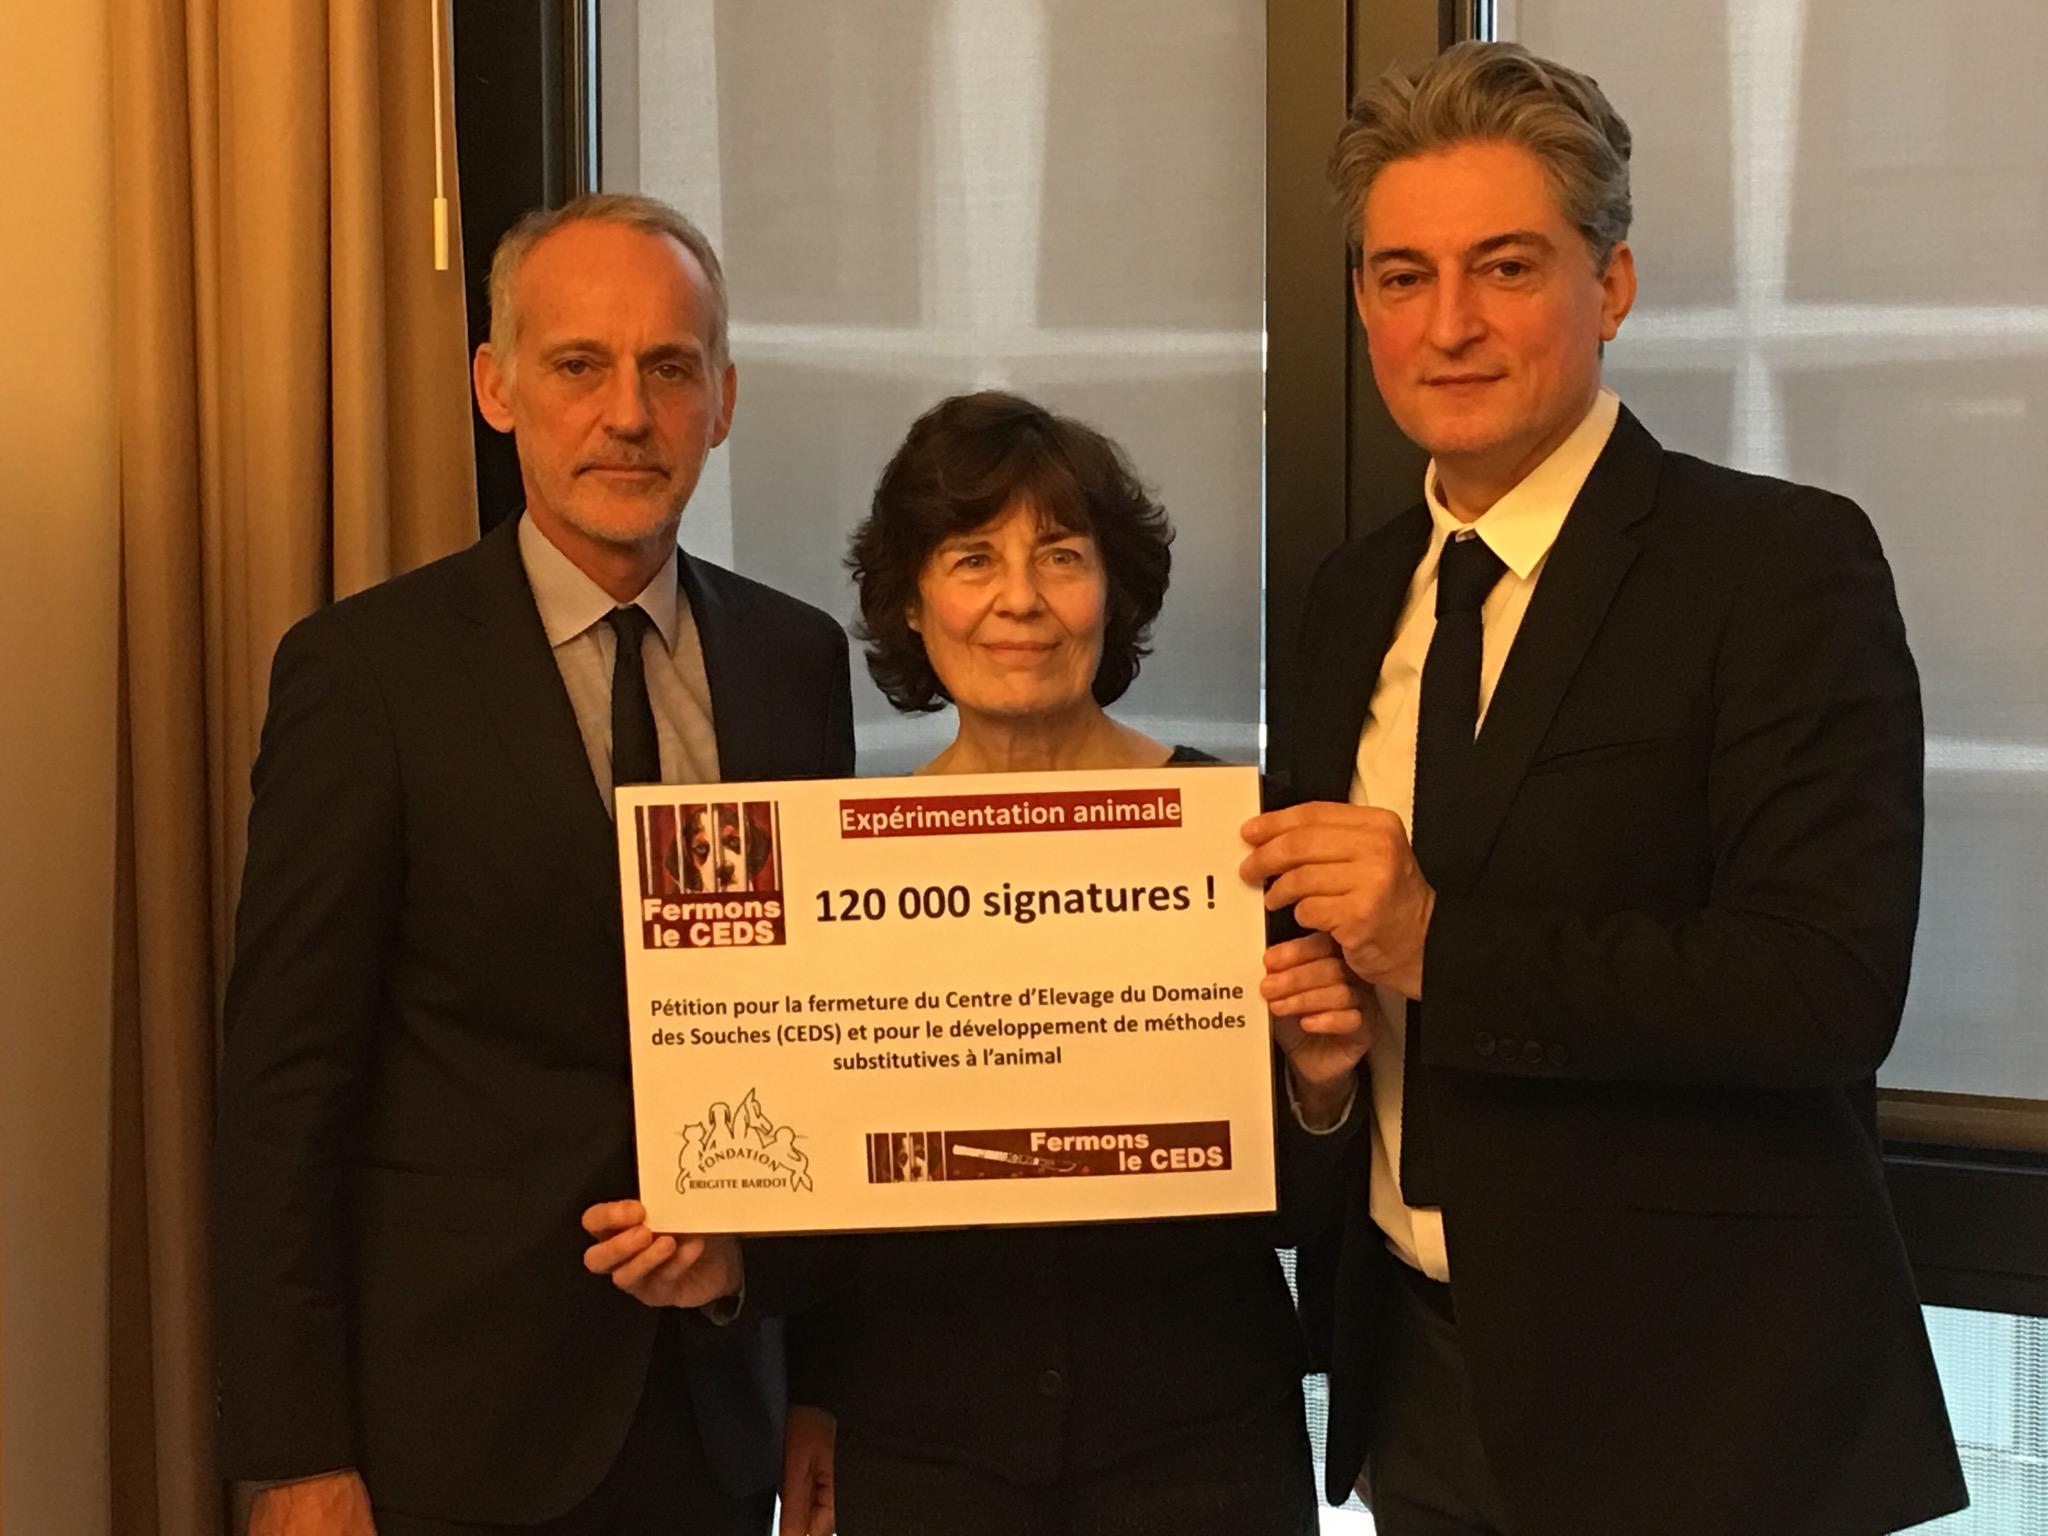 Remise de notre pétition pour fermer le CEDS à Loïc Dombreval